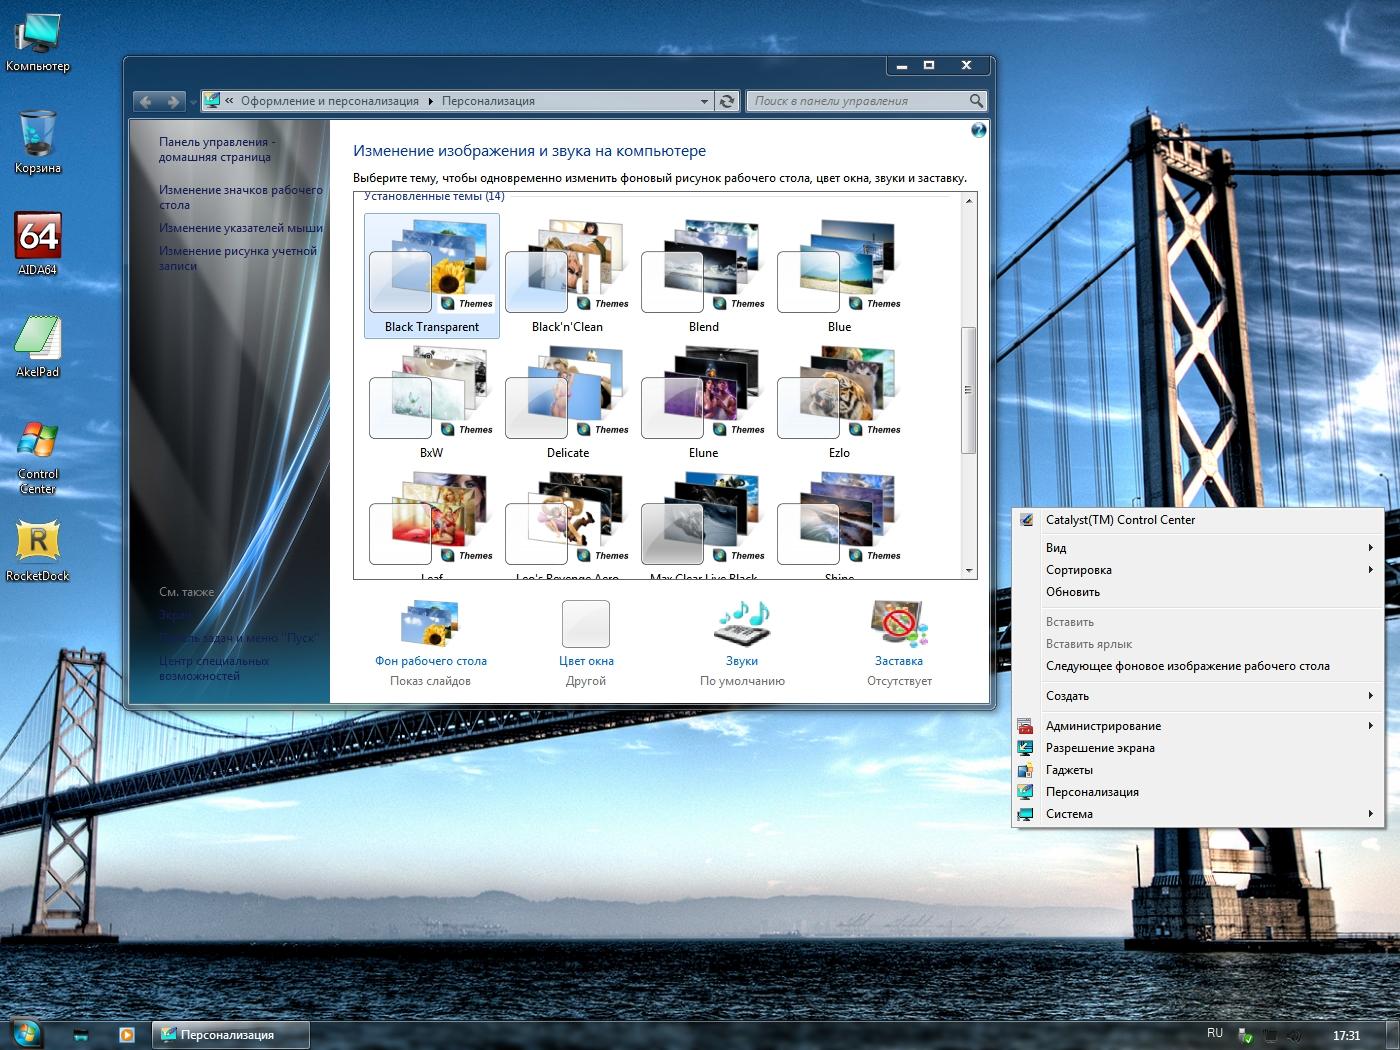 WINDOWS 7 ULTIMATE SP1 X86 X64 BESLAM EDITION V3 СКАЧАТЬ БЕСПЛАТНО